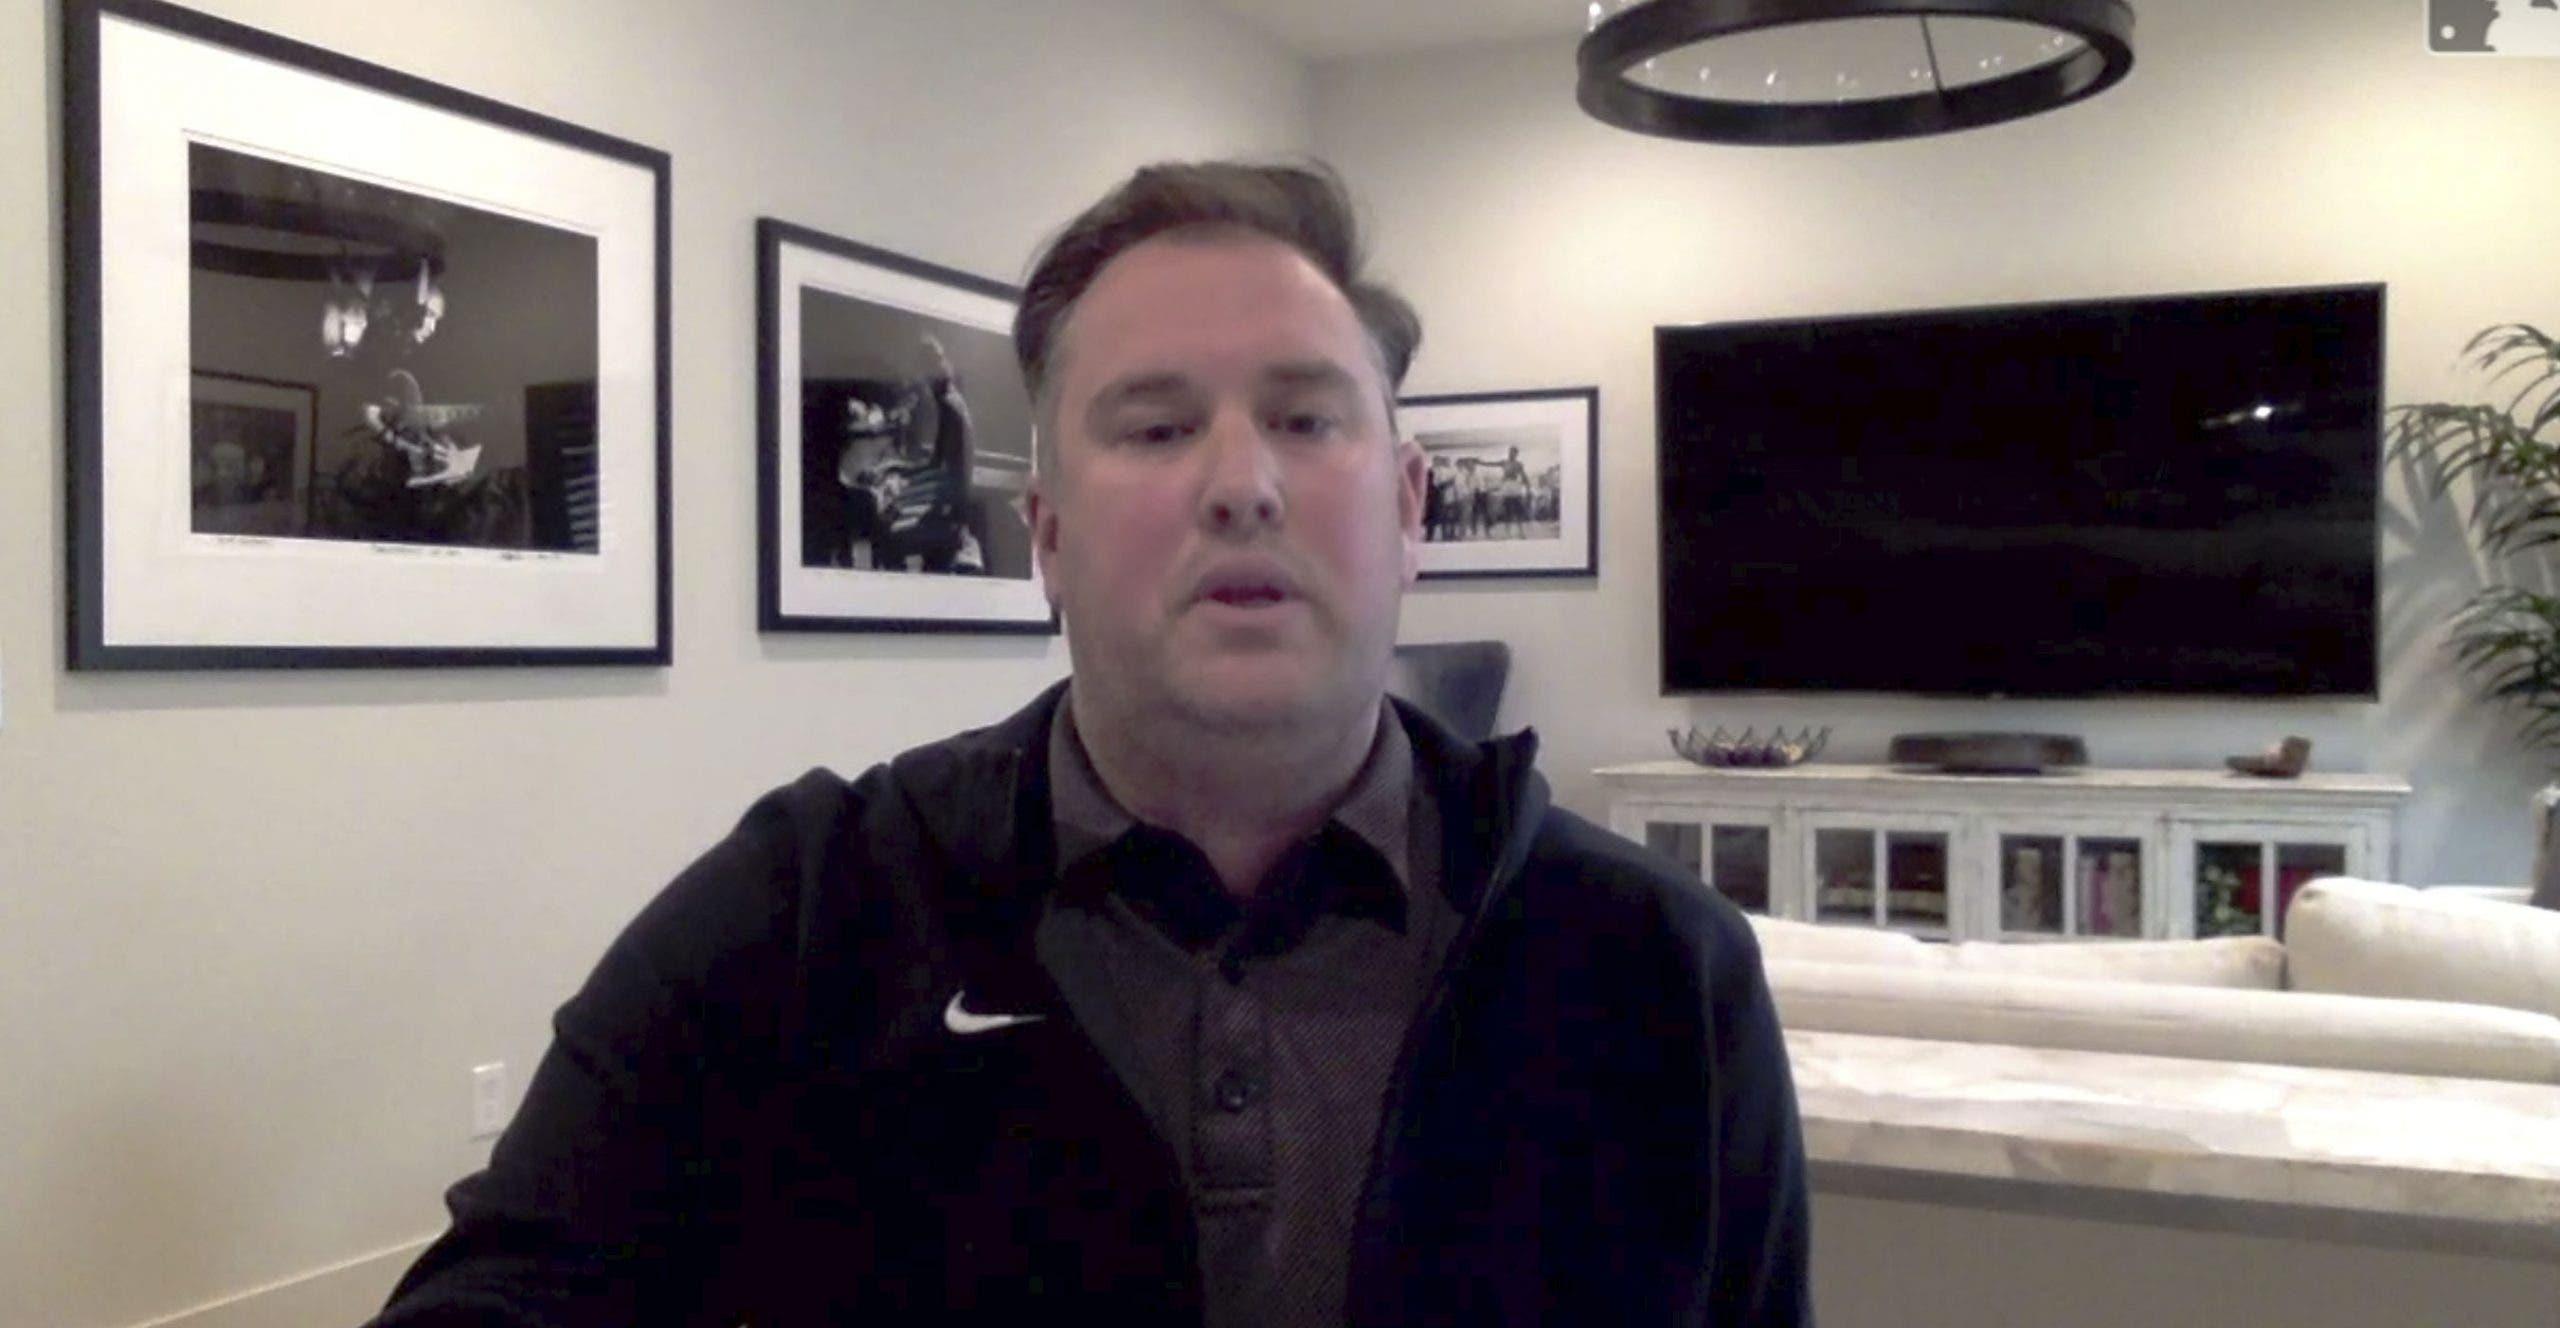 Mets despiden a gerente general por envío de imágenes explícitas a periodista